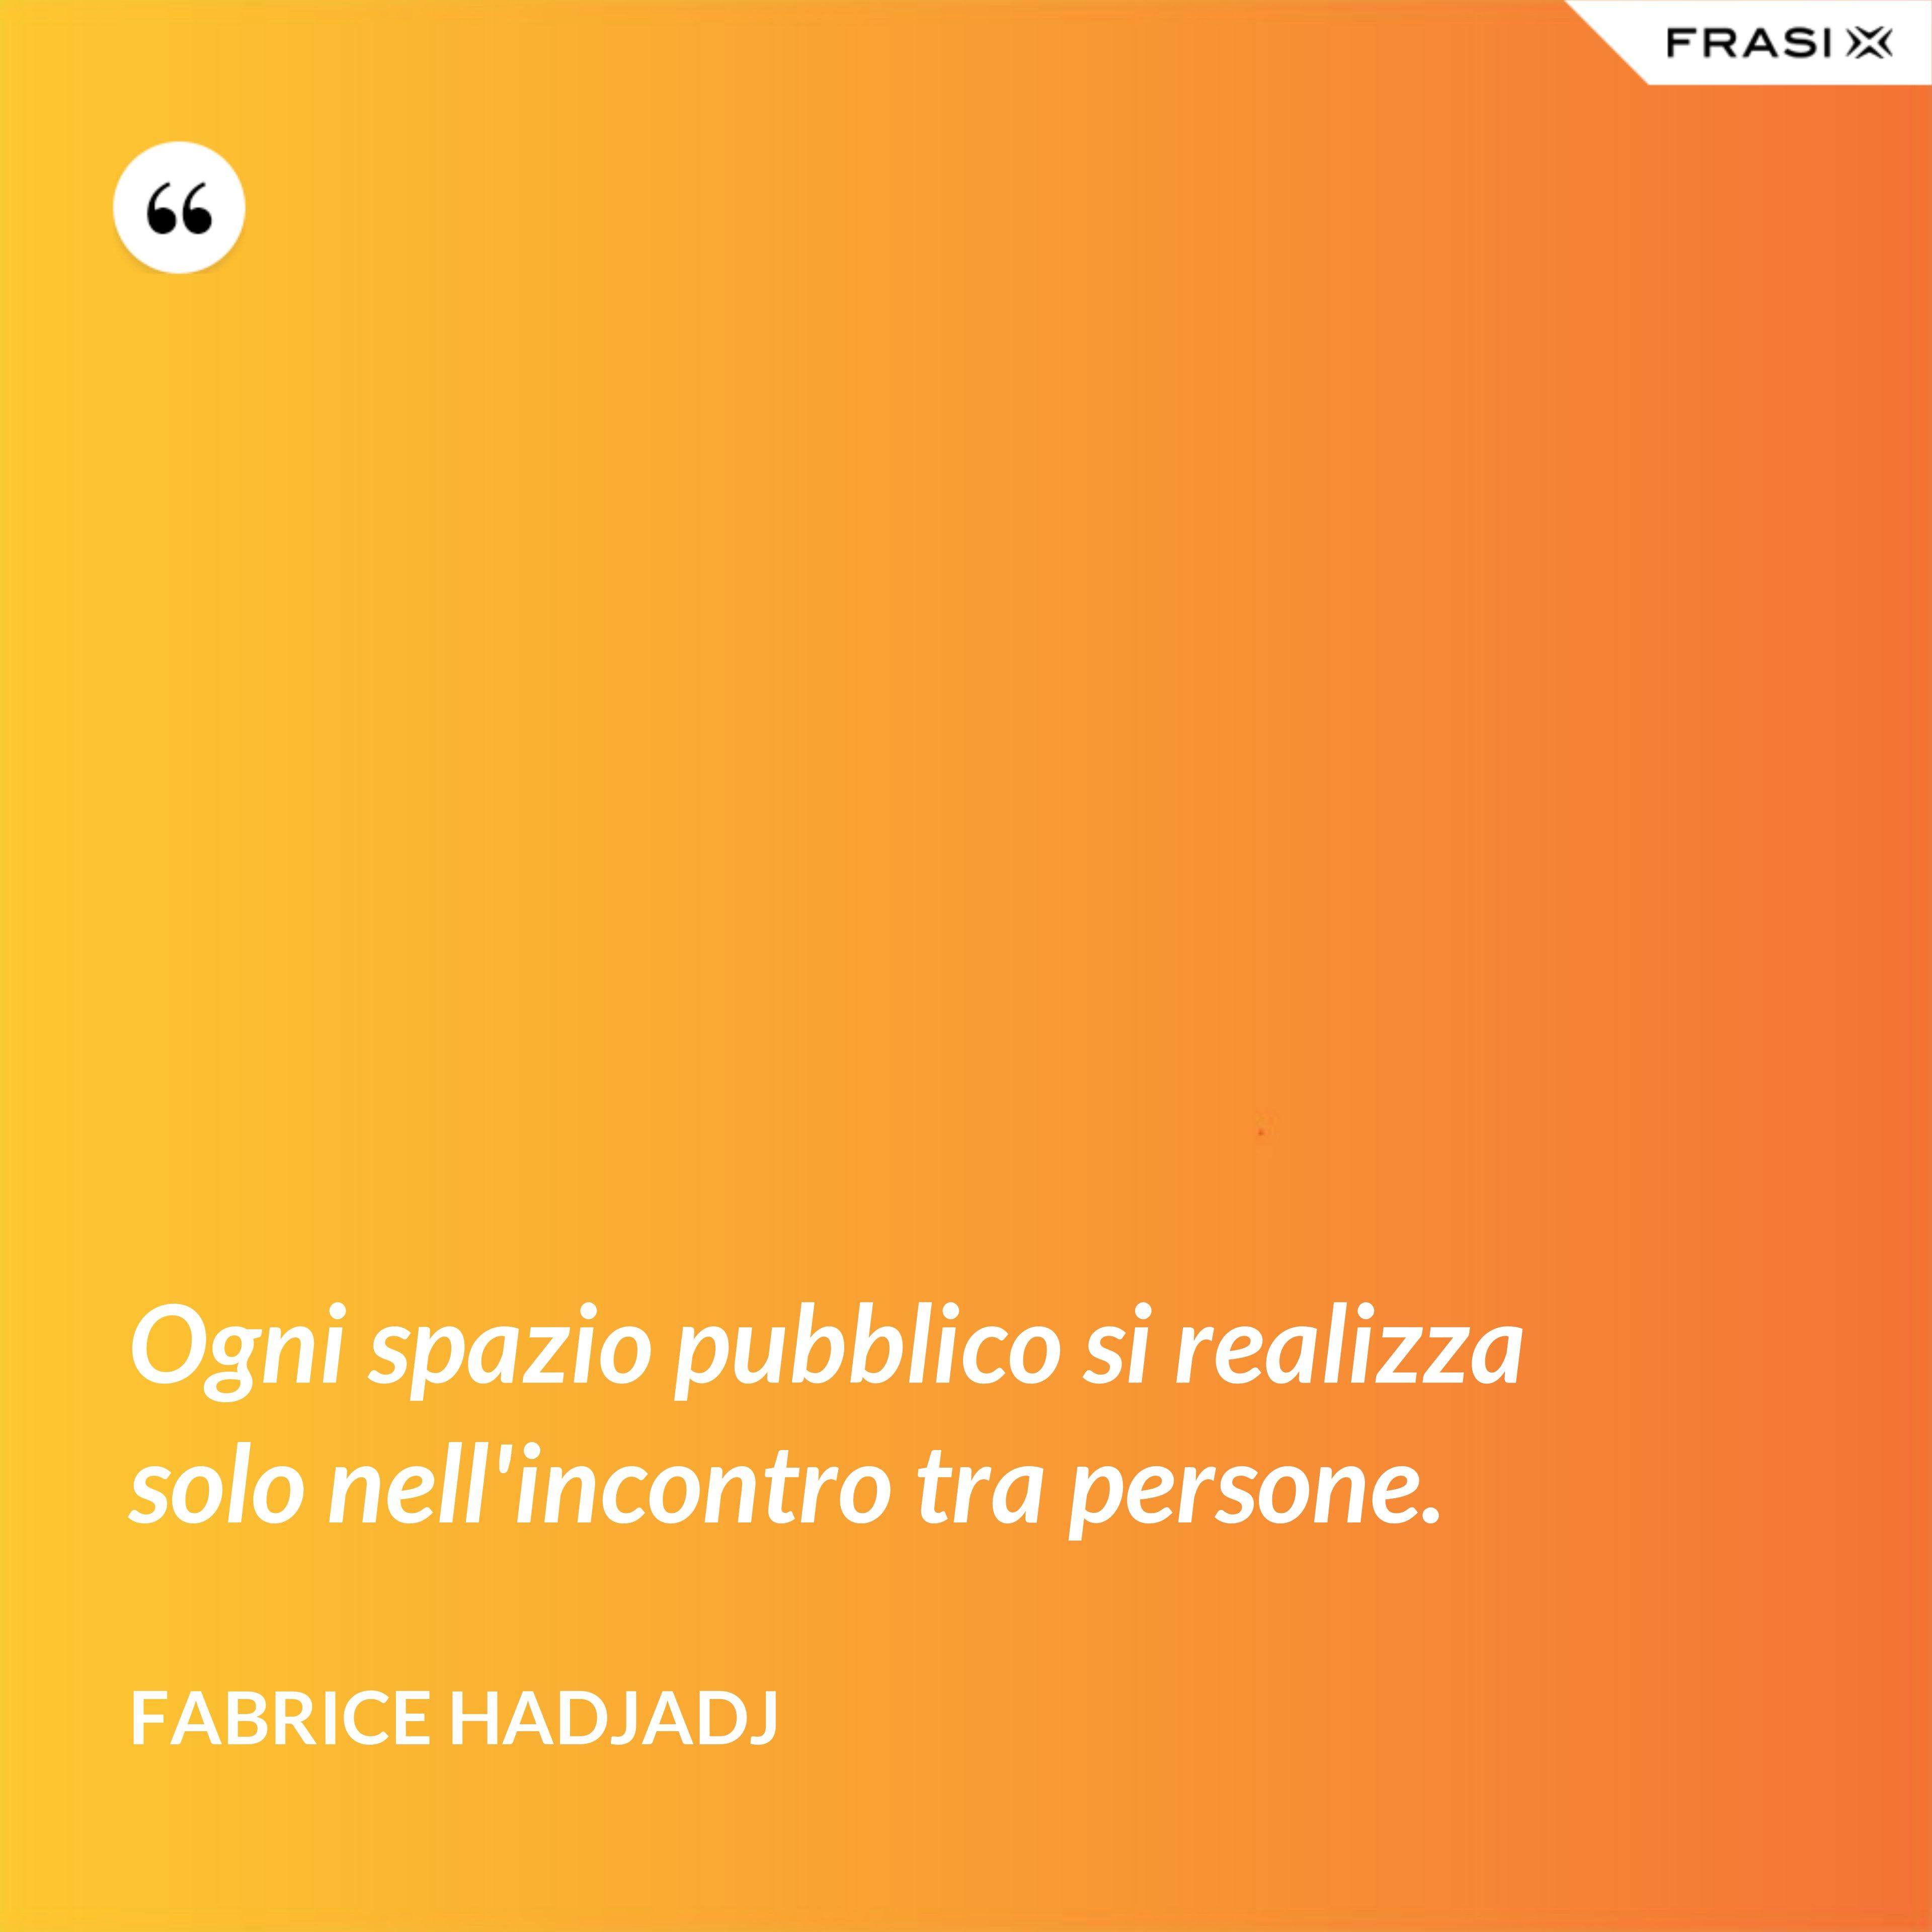 Ogni spazio pubblico si realizza solo nell'incontro tra persone. - Fabrice Hadjadj